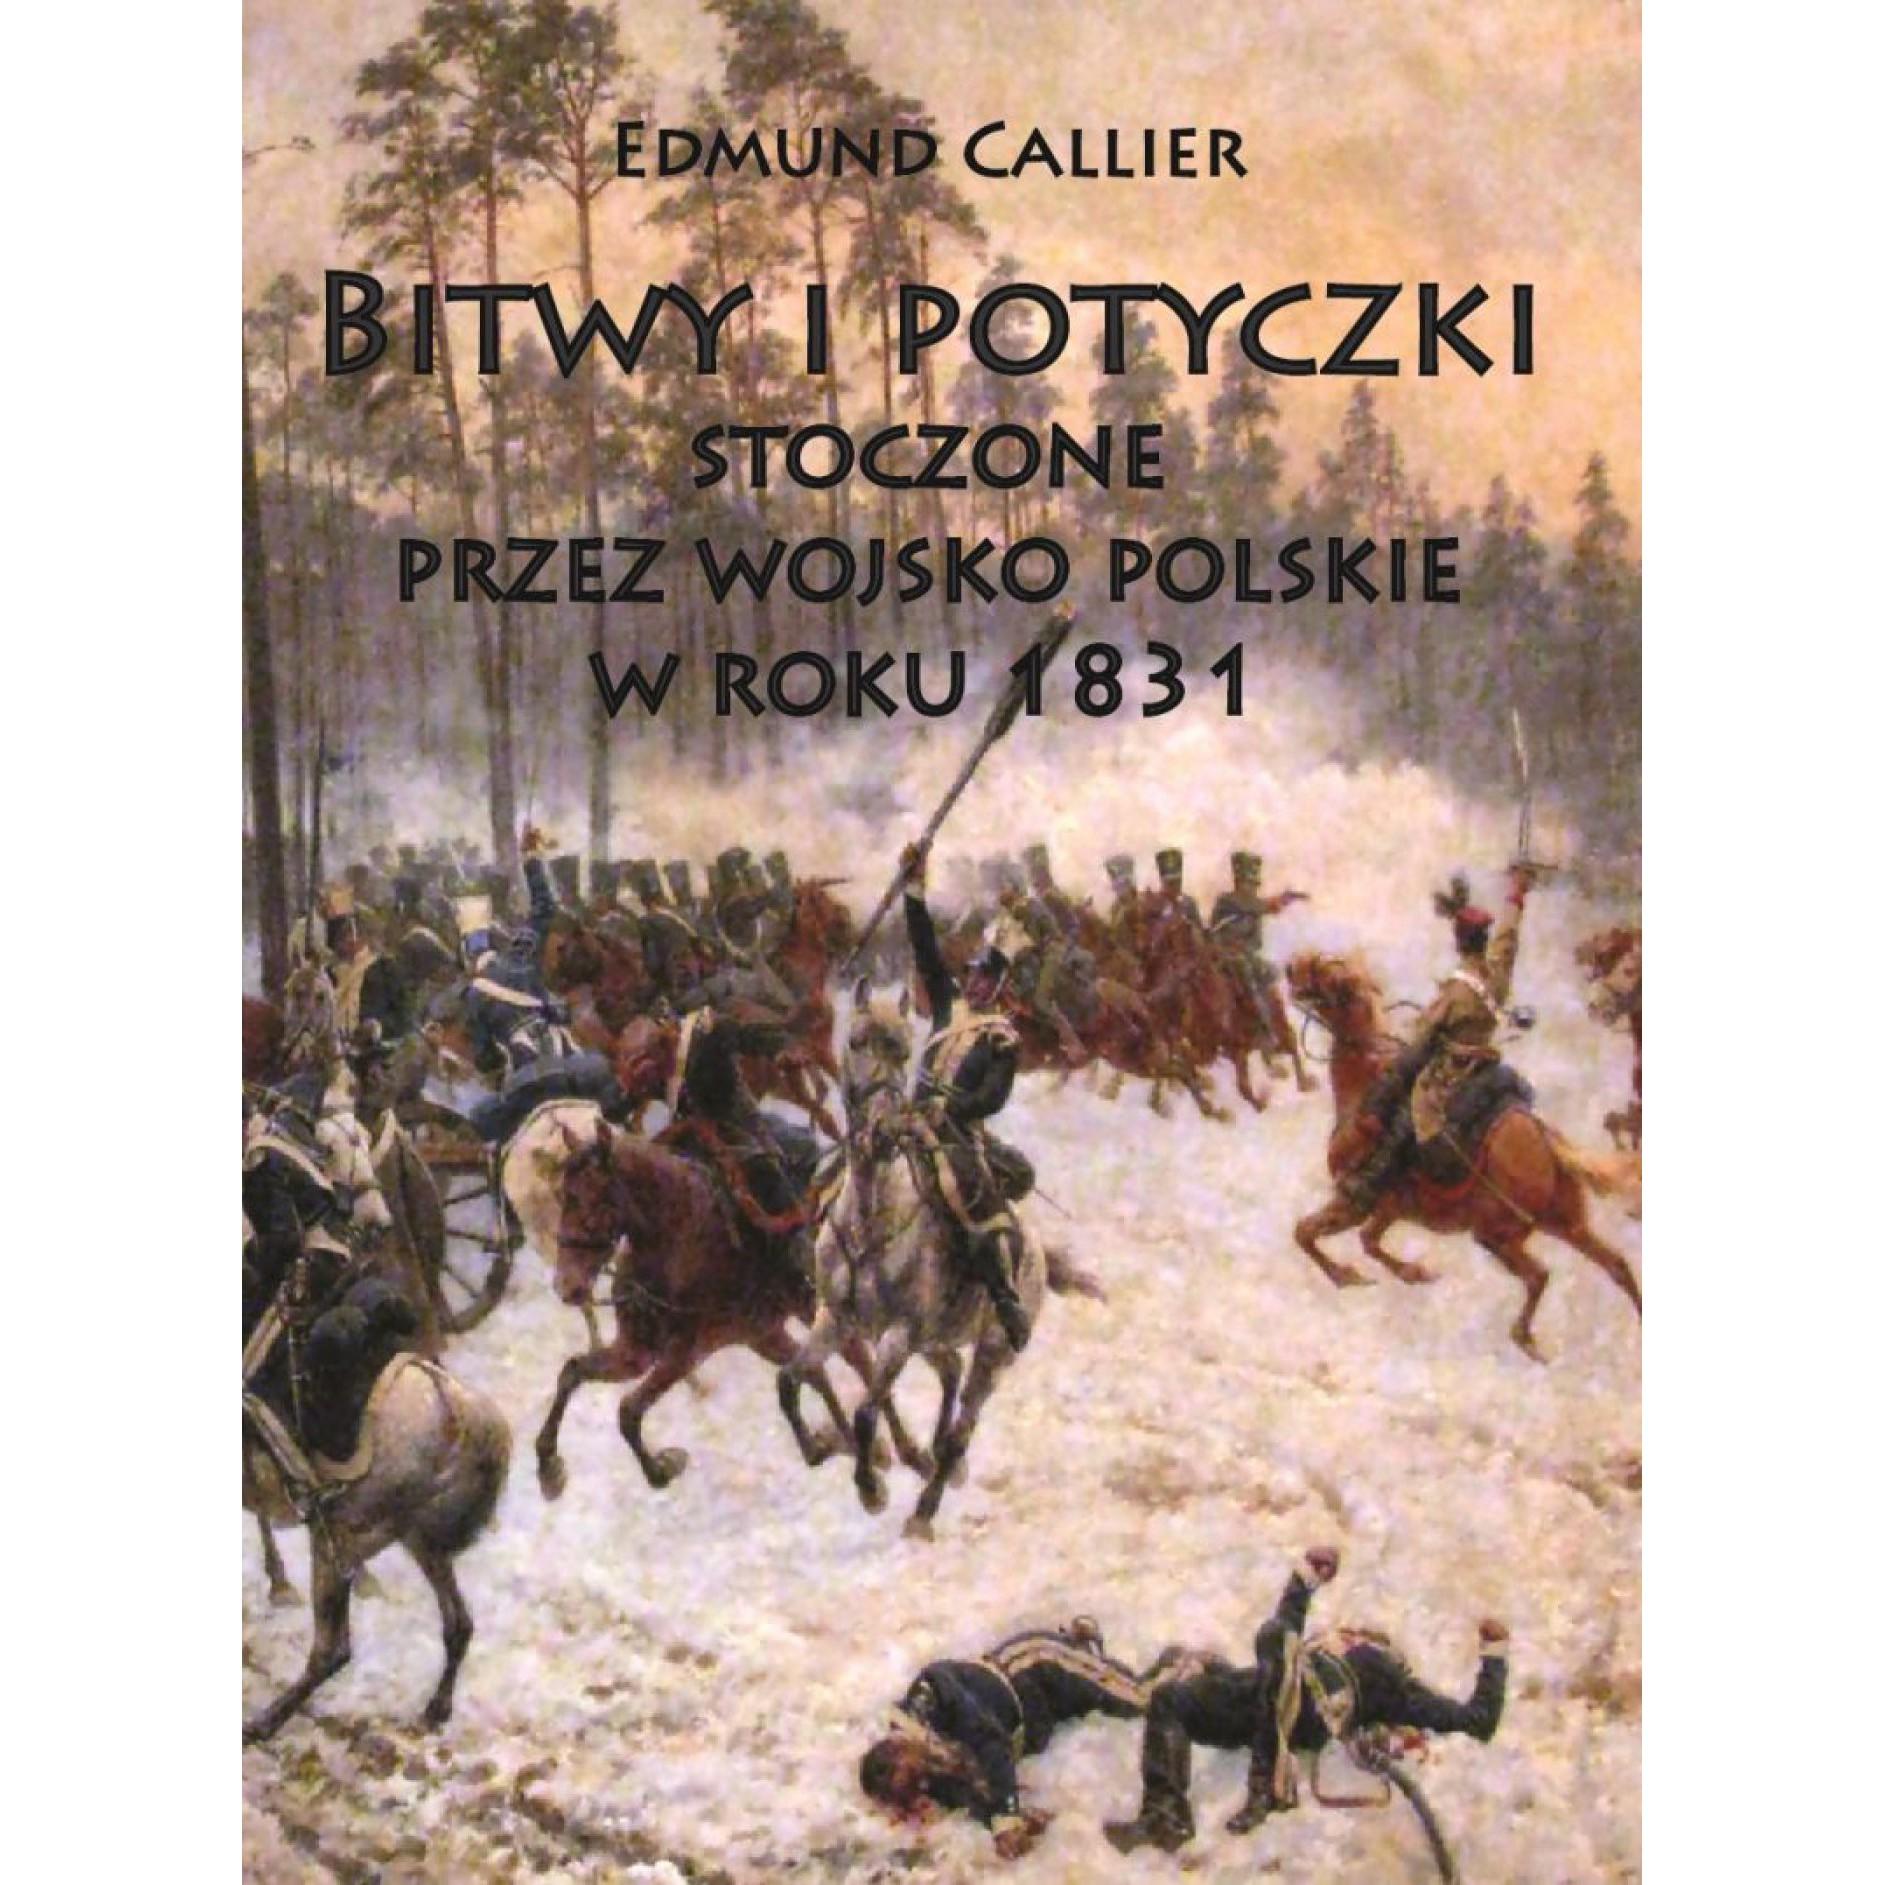 Bitwy i potyczki stoczone przez wojsko polskie w roku 1831